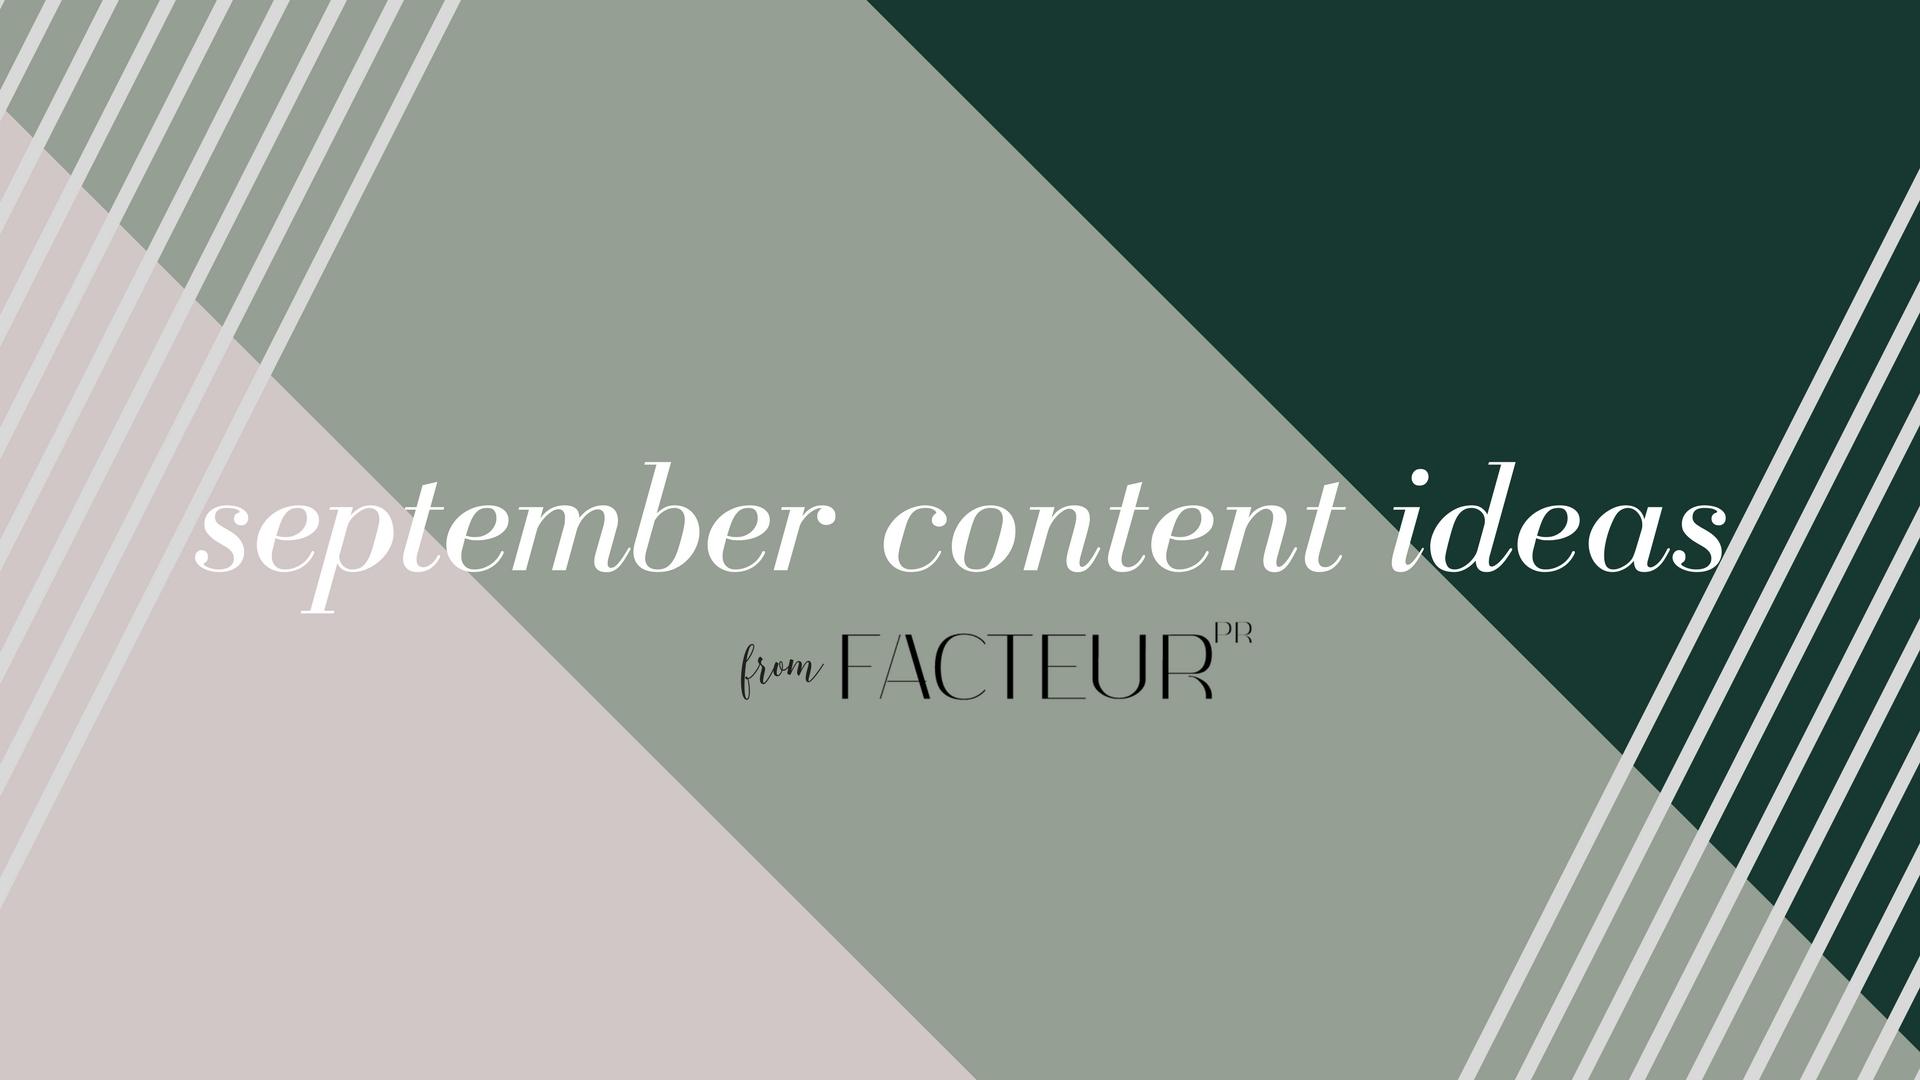 September content ideas